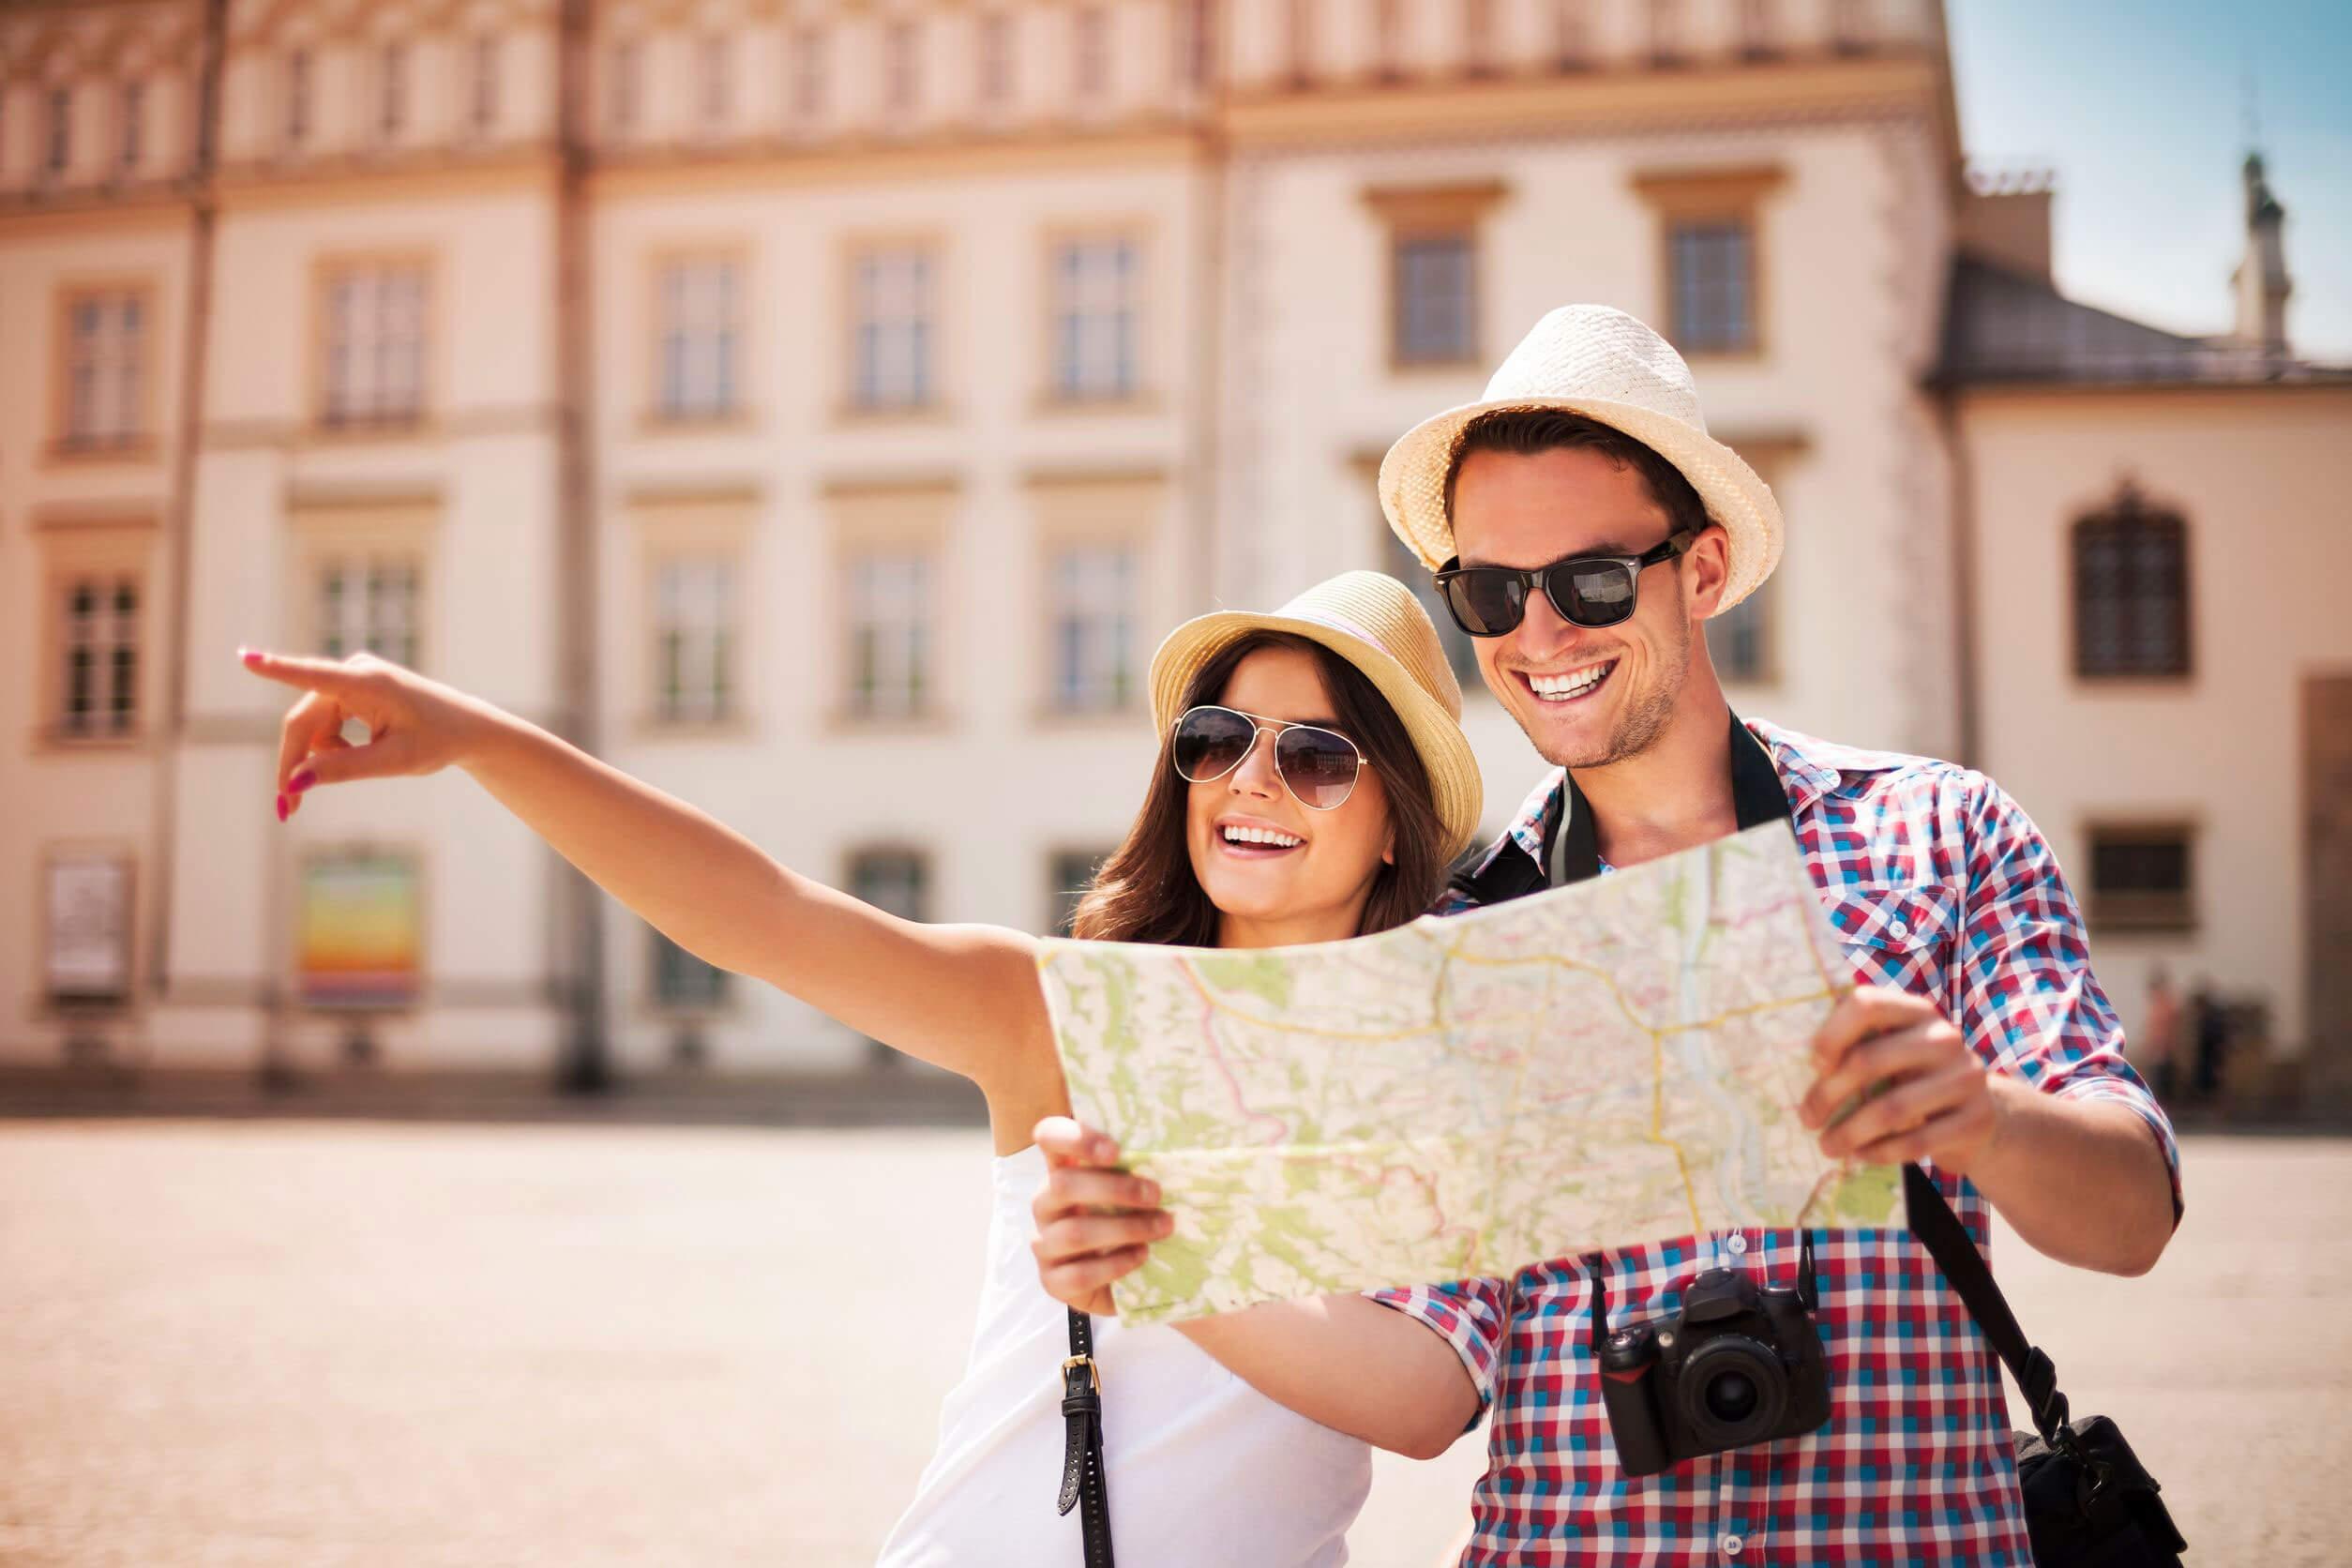 Предприниматели Тверской области могут получить до миллиона рублей на открытие туристических объектов